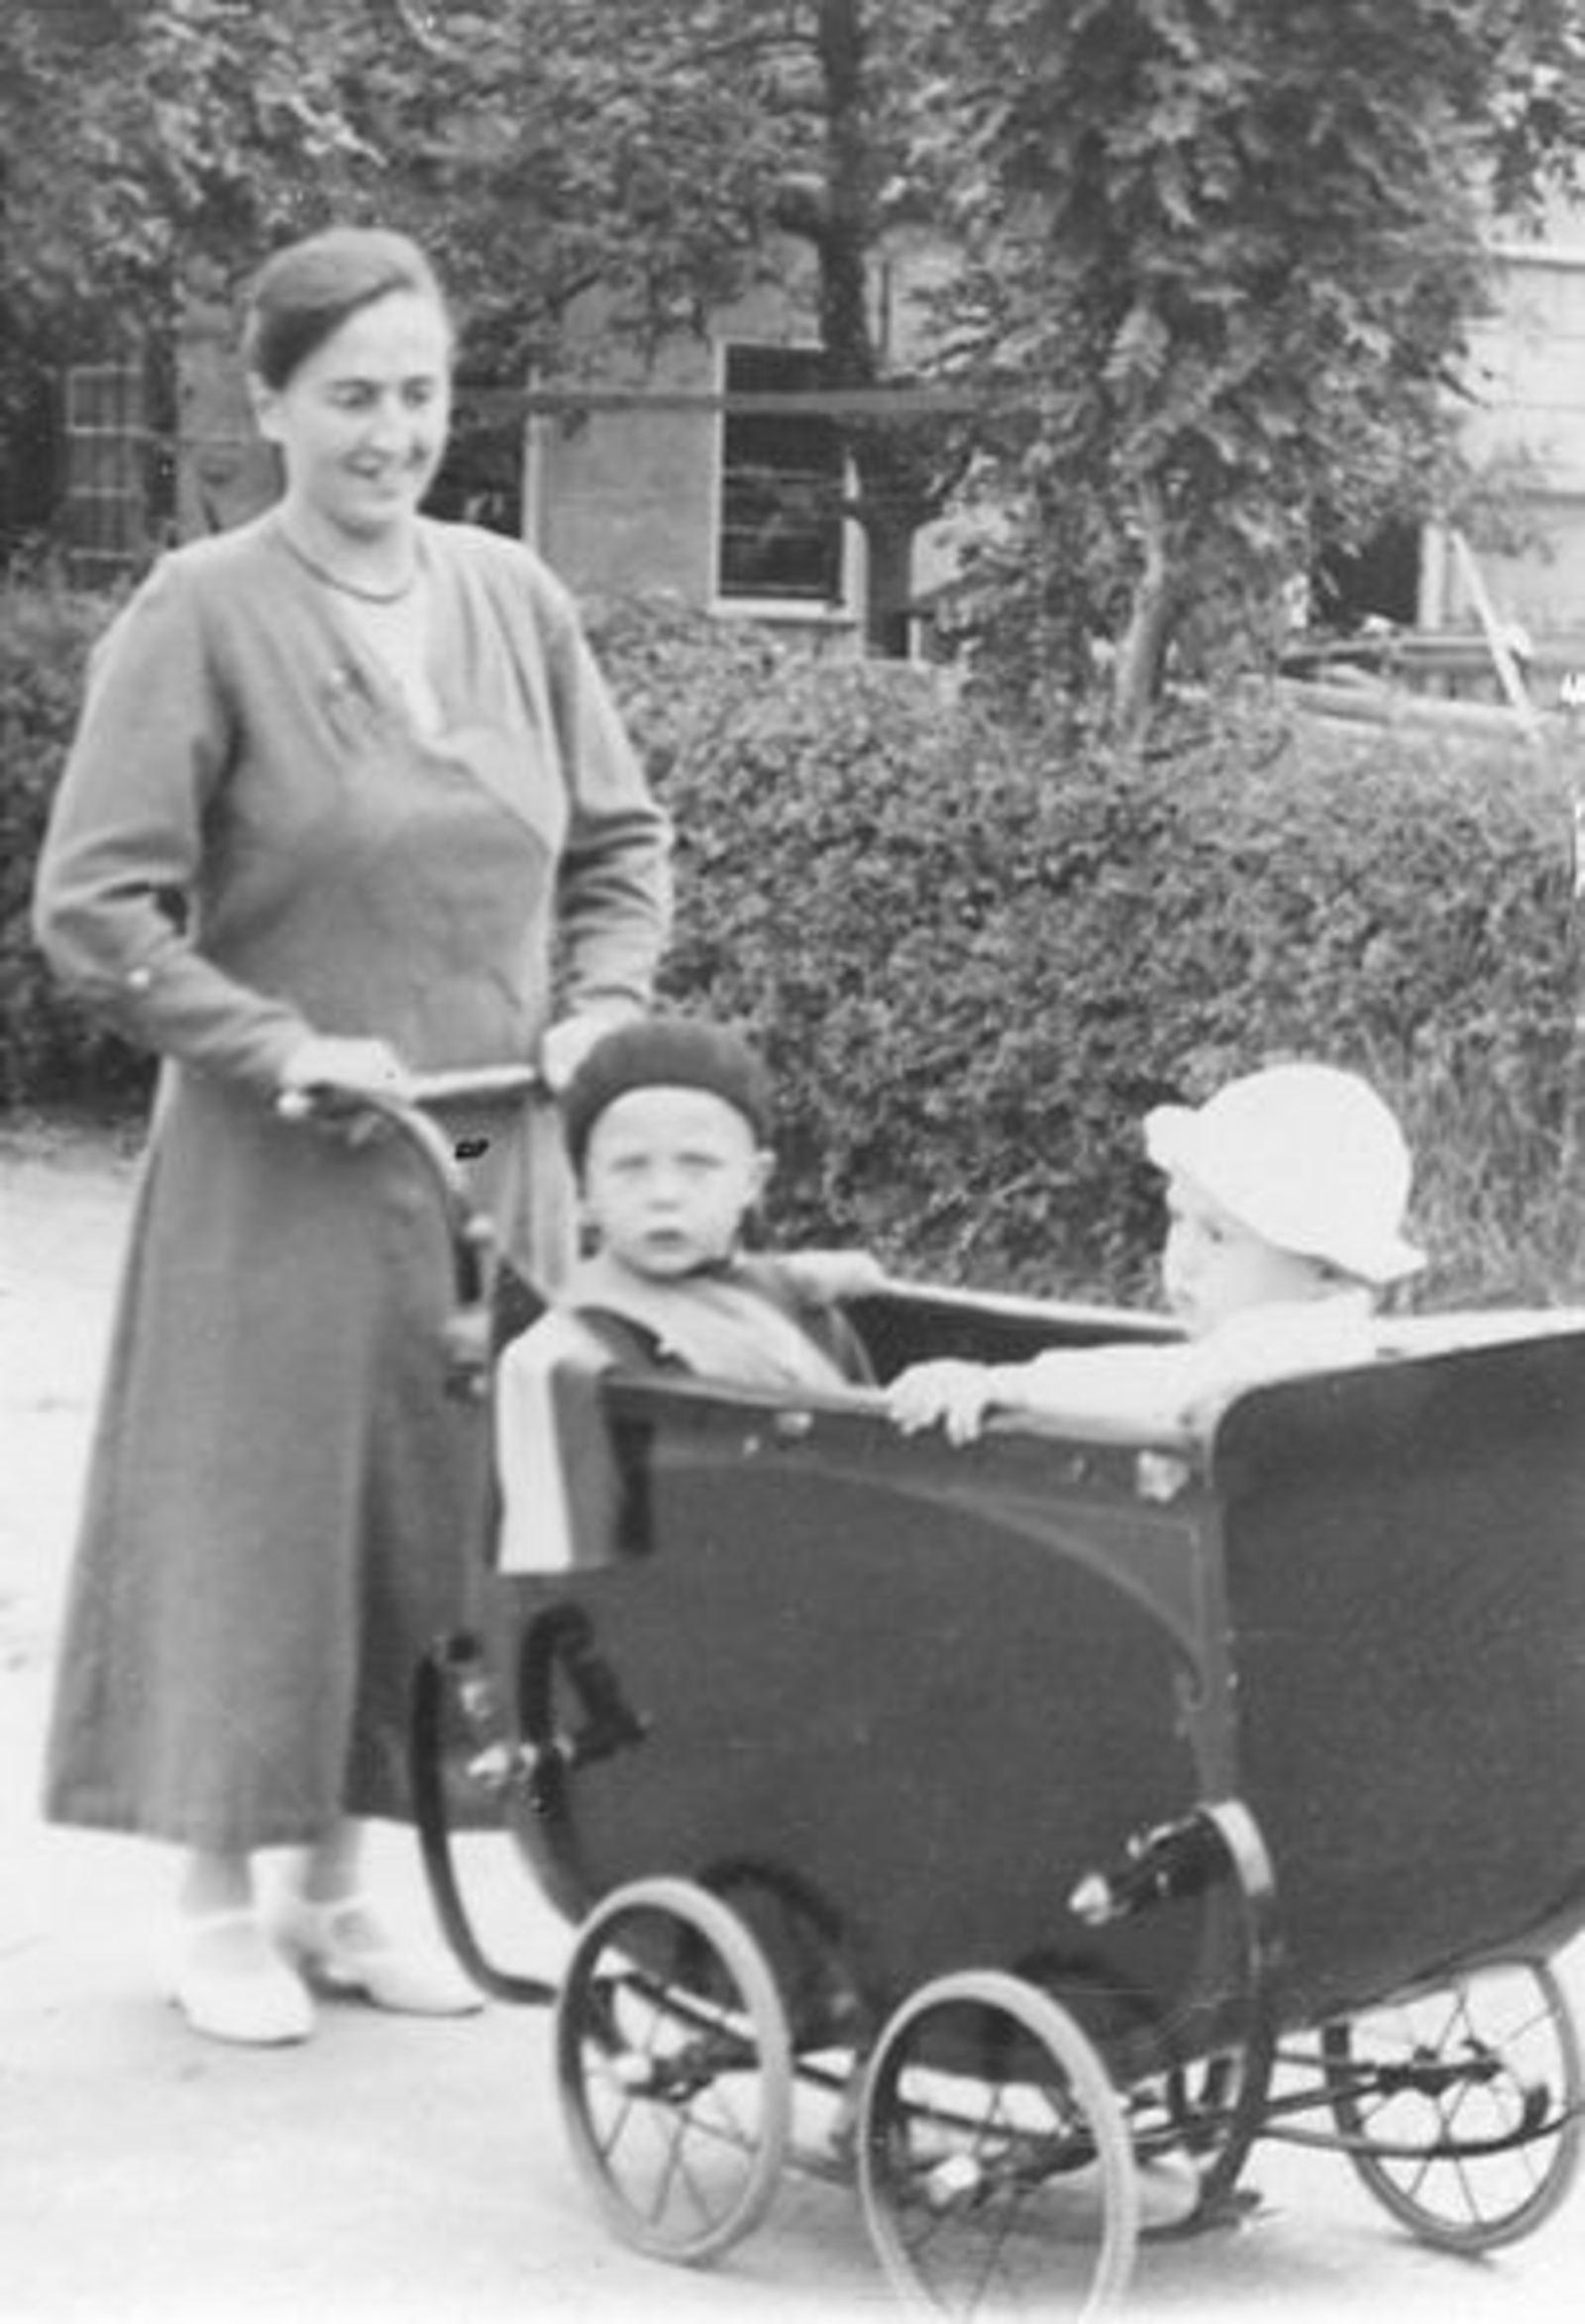 Schreuders-Feeleus Jannie 1936± met zoons in Wandelwagen